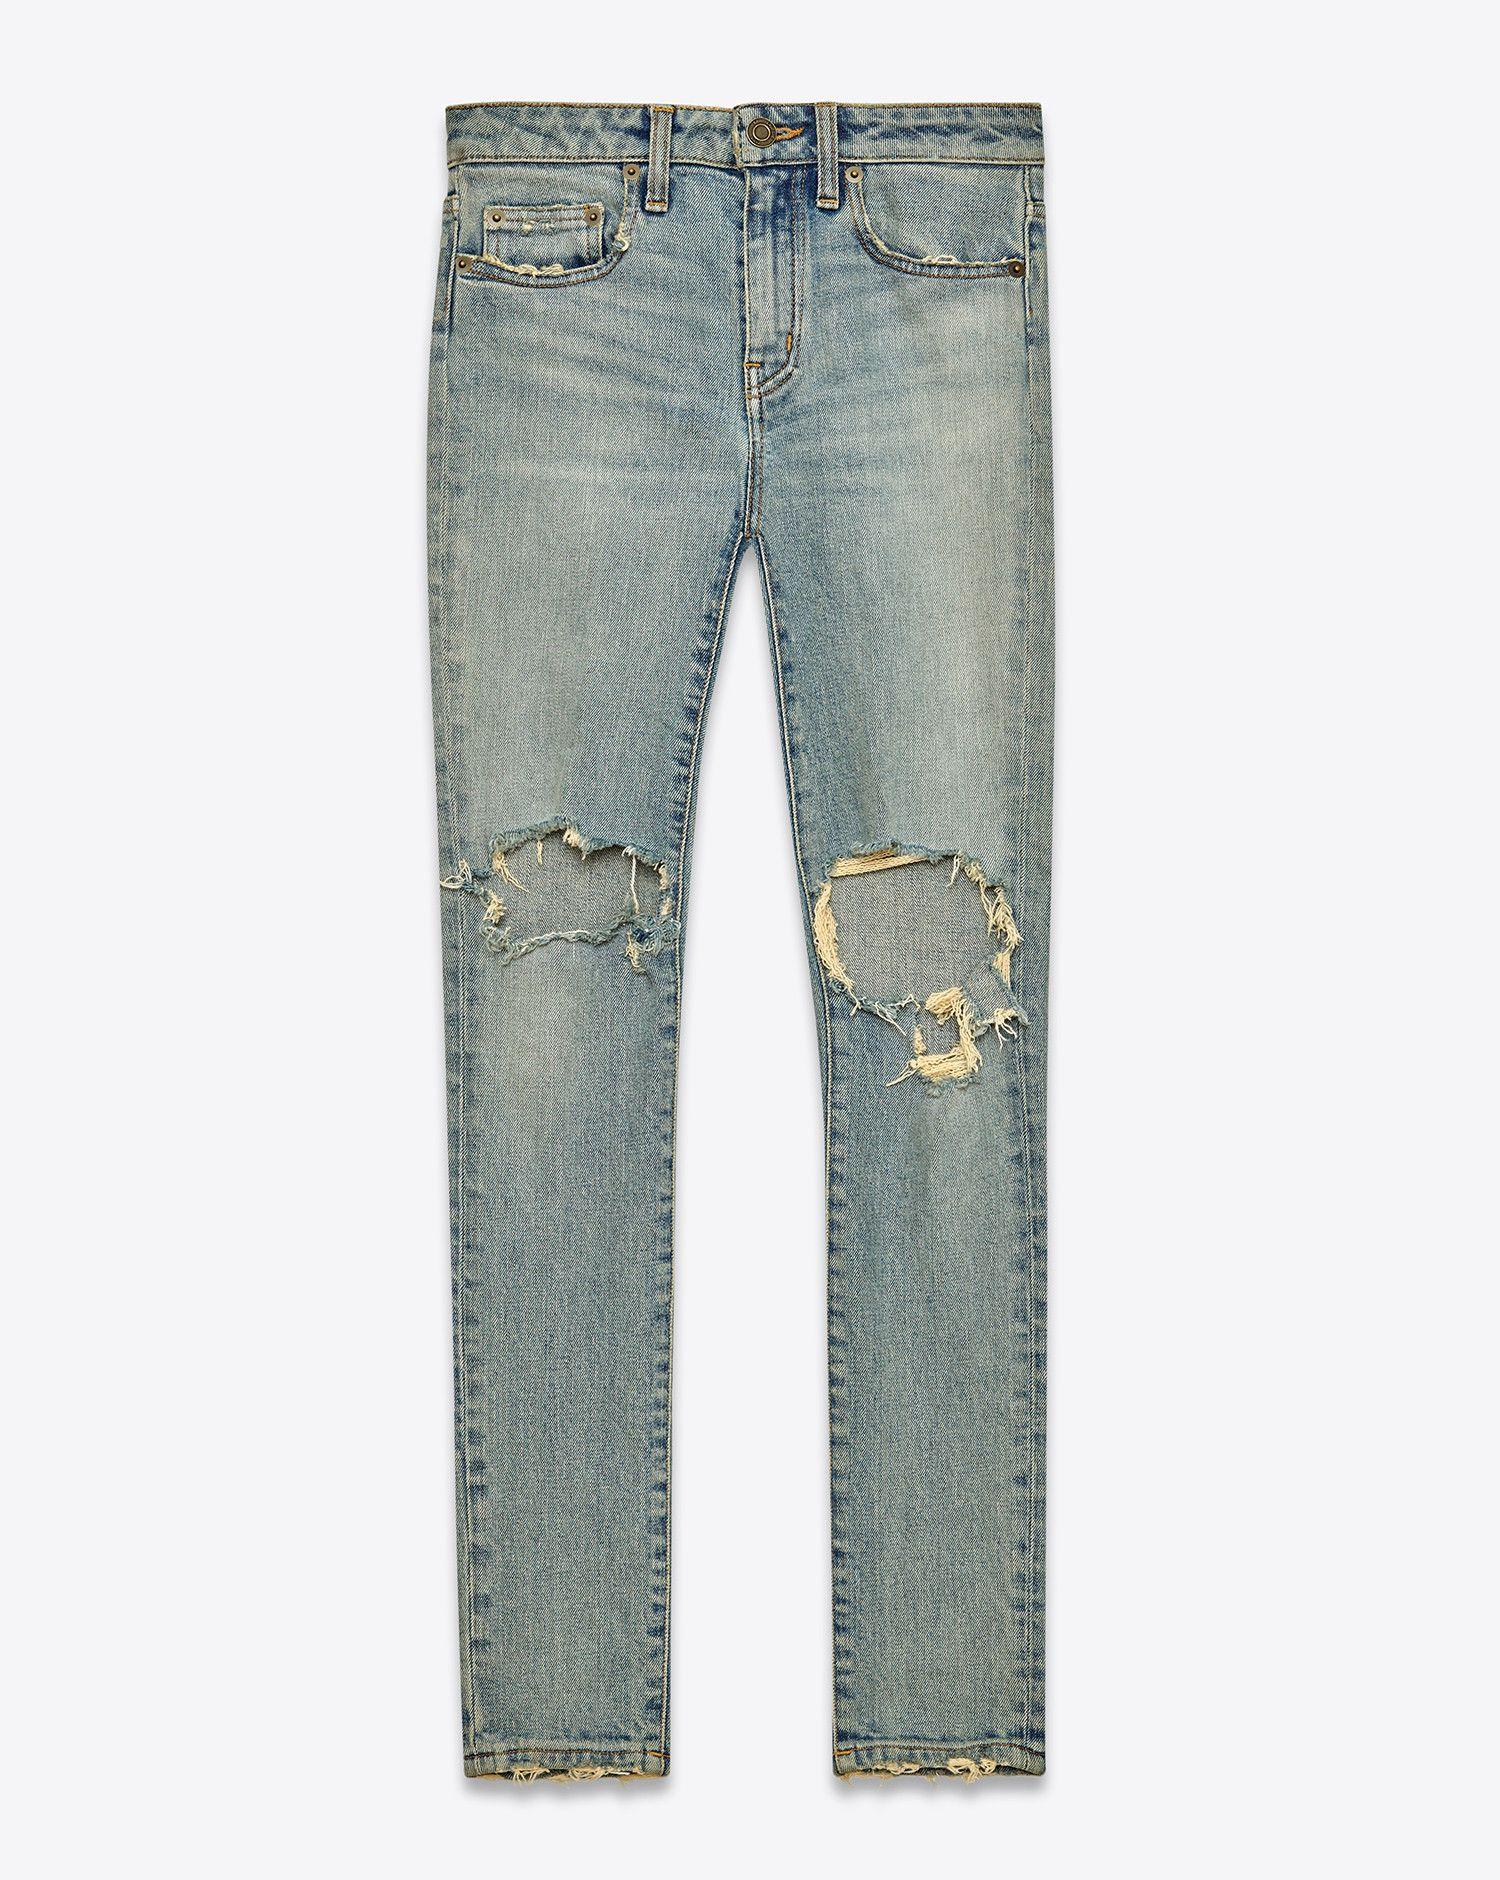 Jeans Saint Laurent: découvrez la sélection et commandez en ligne sur YSL.com